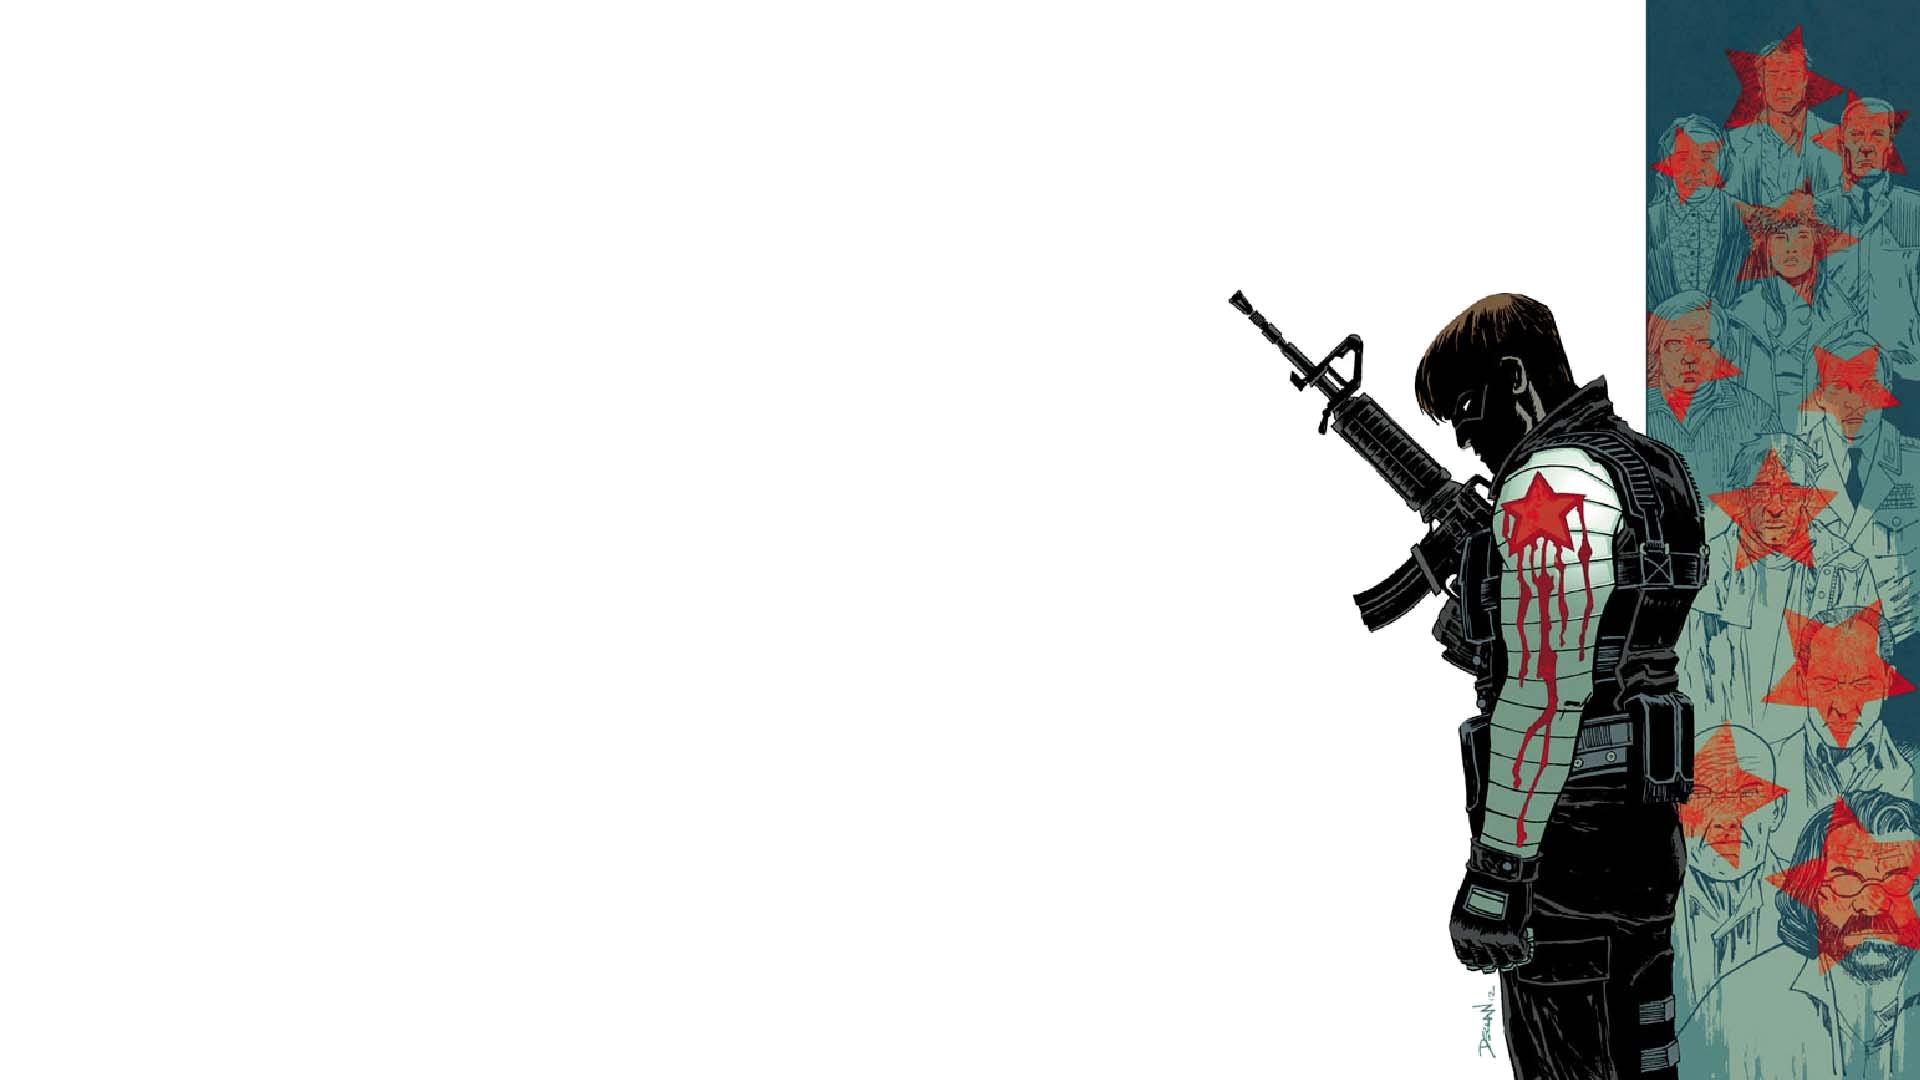 Winter Soldier Computer Wallpapers Desktop Backgrounds 1920x1080 1920x1080